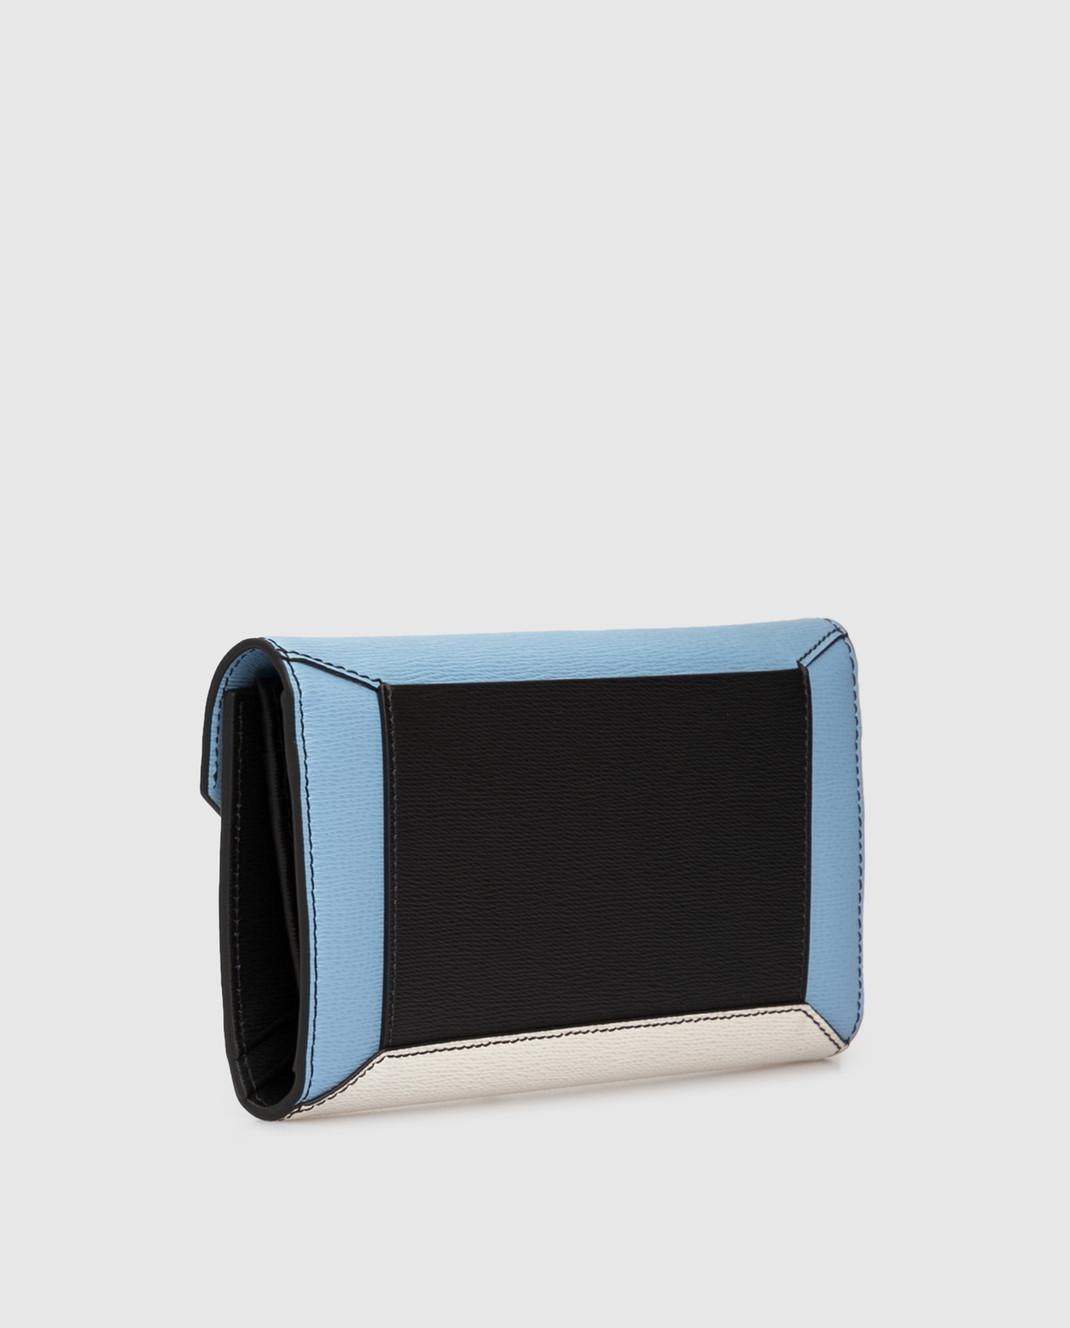 Lancel Голубой кожаный кошелек A07676 изображение 2